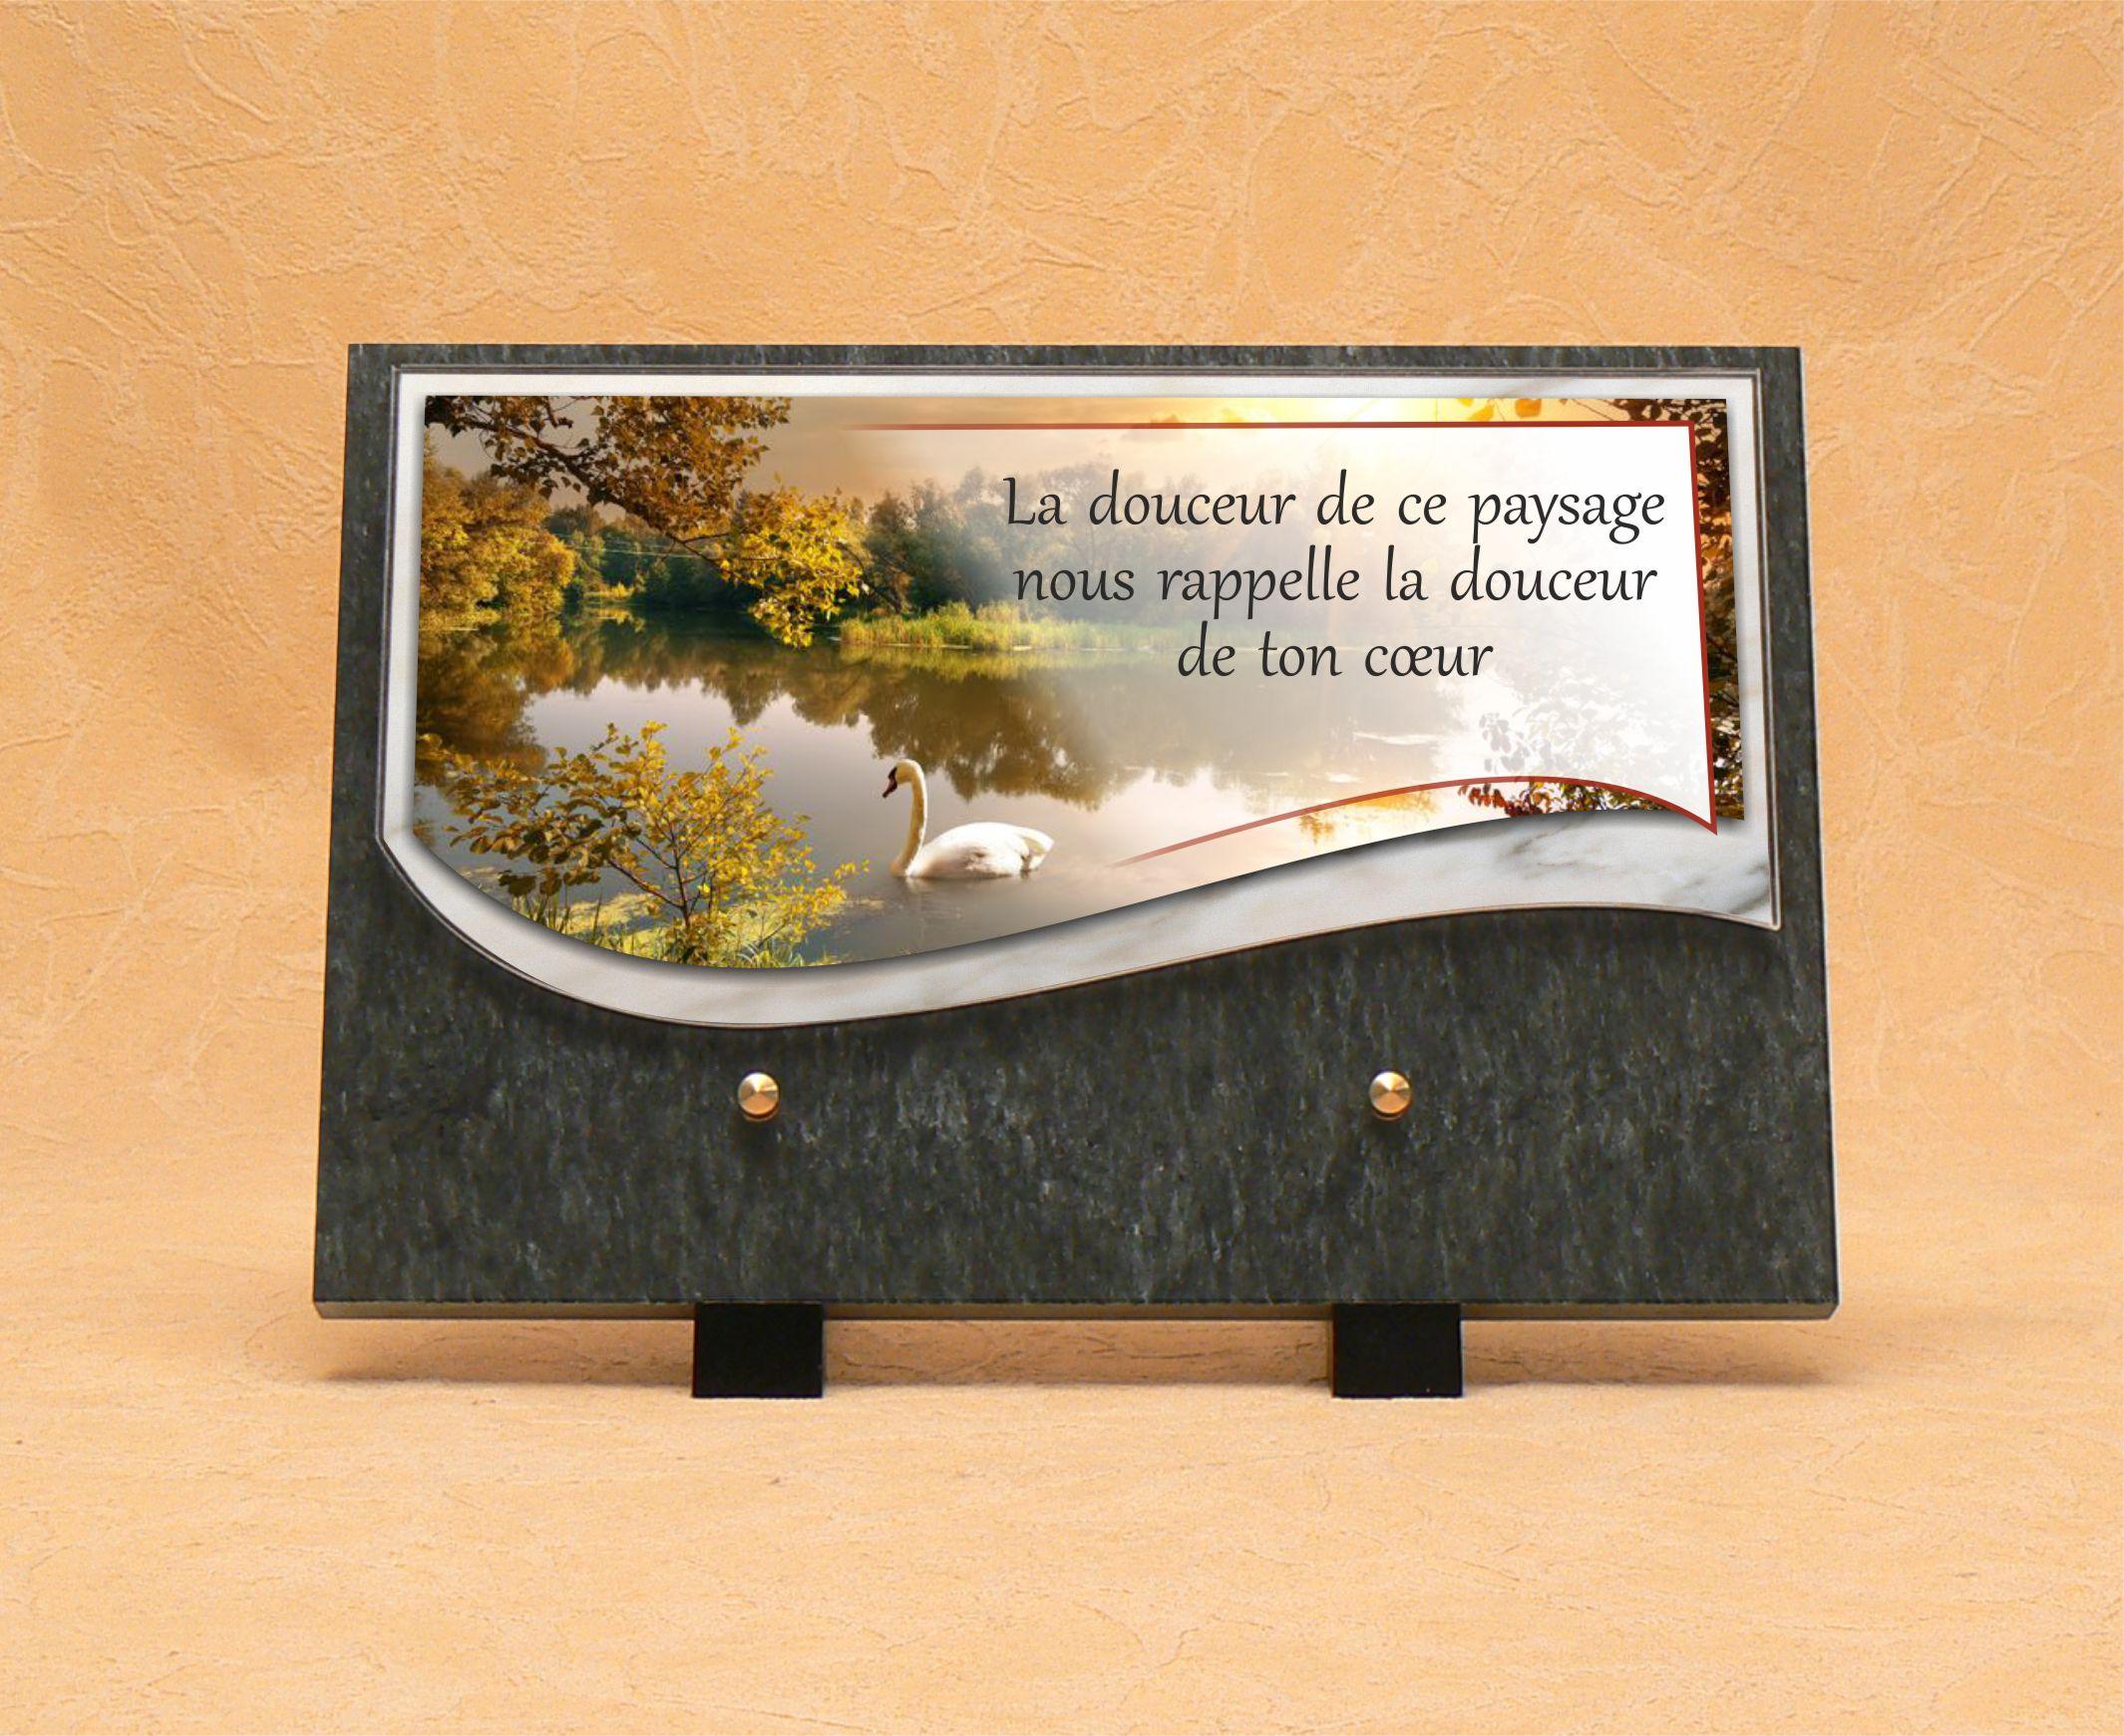 R f sw508 nat cygne et lac s rigraphie wetter saint louis - Plaque funeraire originale ...